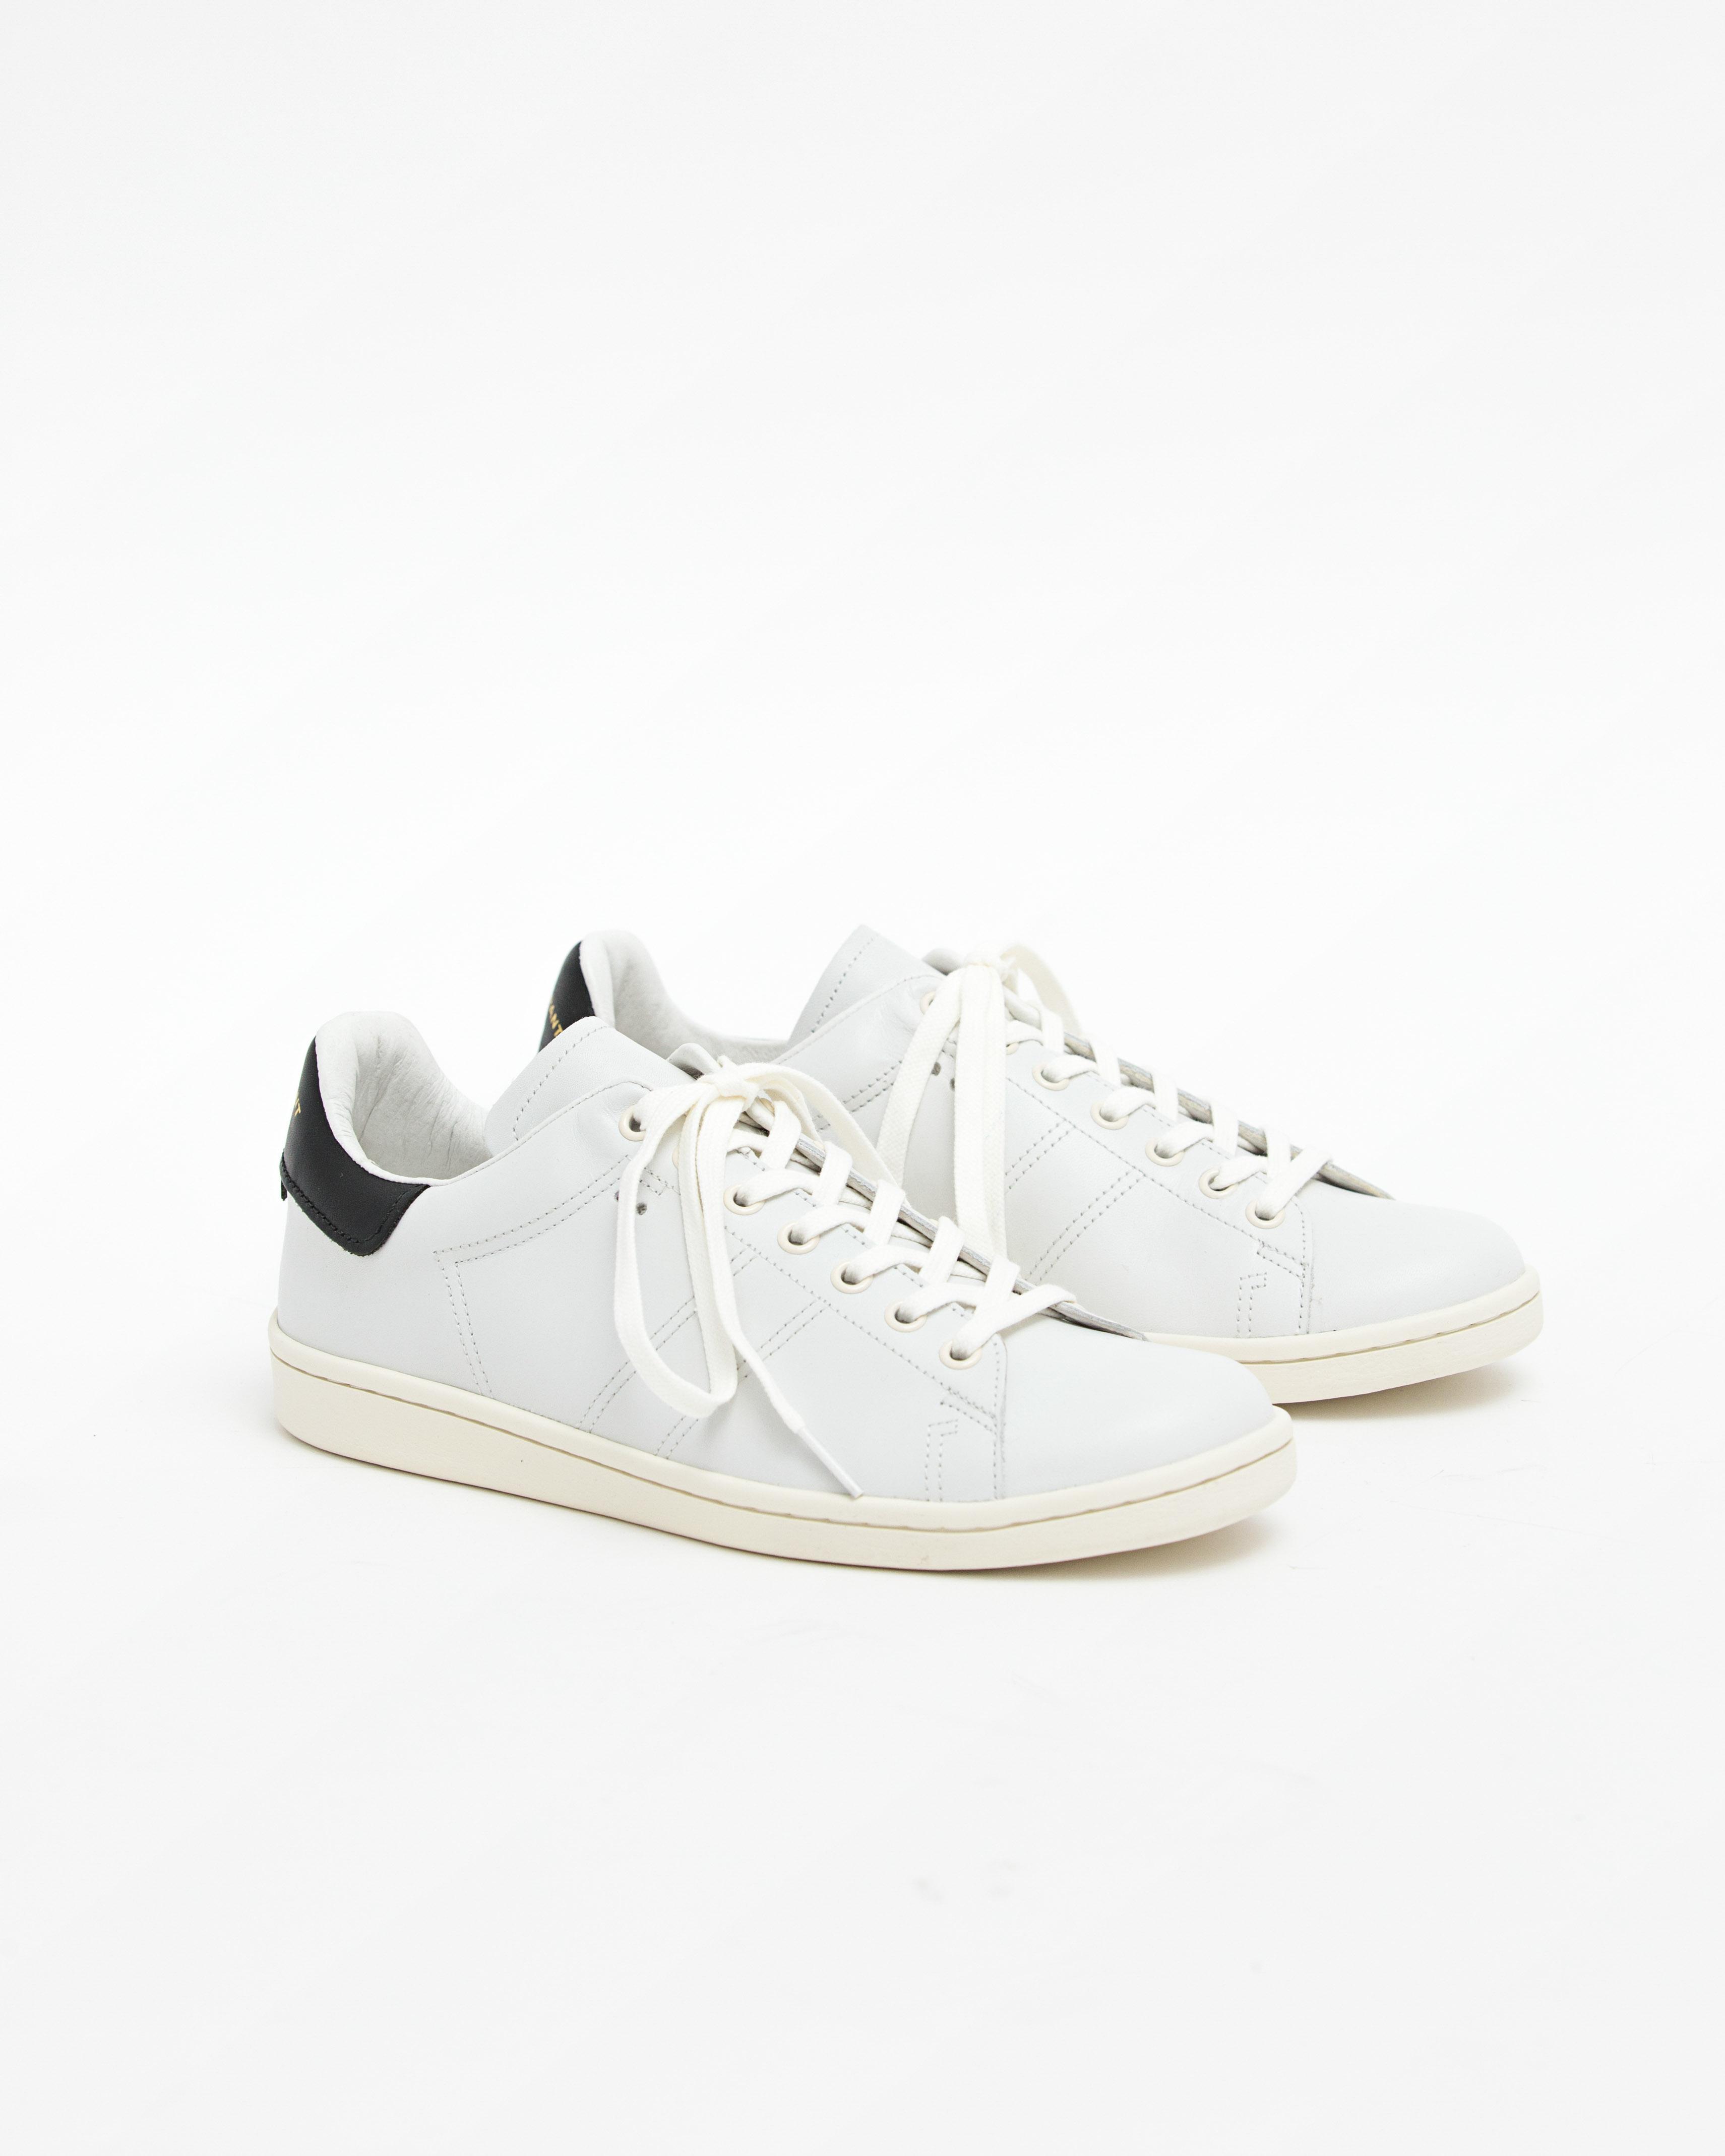 Isabel Marant Etoile 3 - Bart Sneaker - White